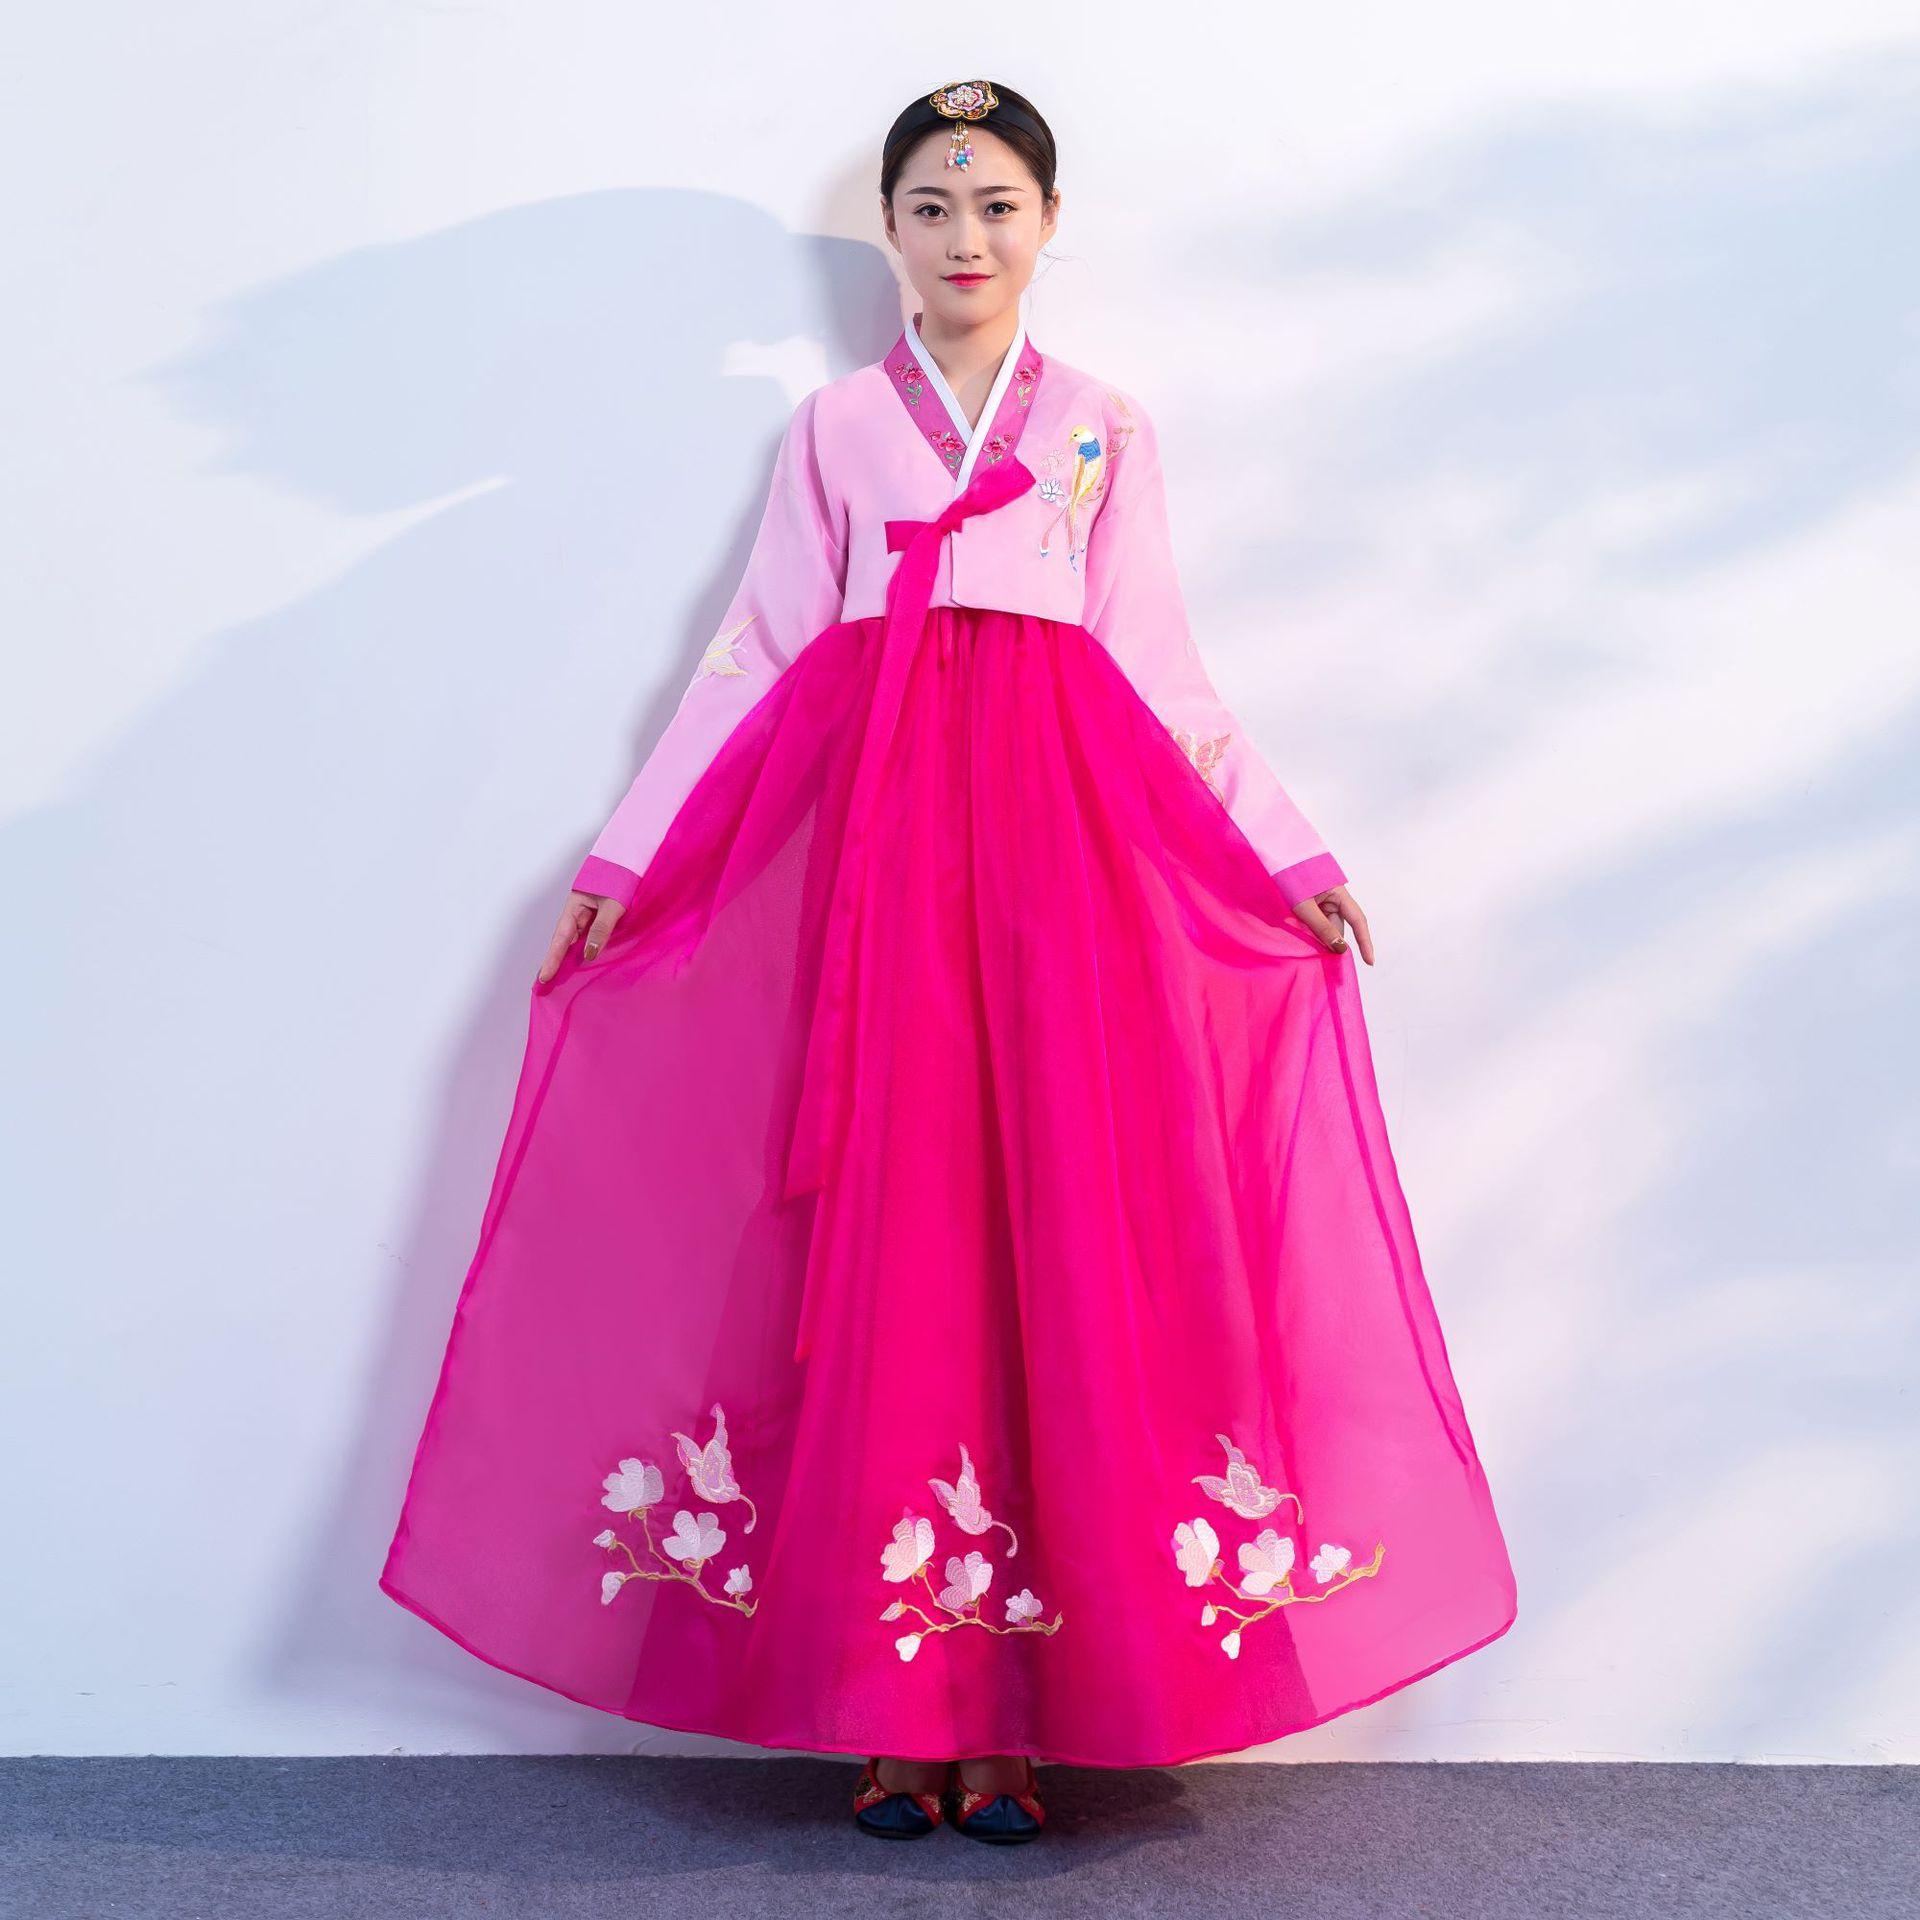 جديد الكورية التقليدية زي الهانبوك فستان الهانبوك الإناث كوريا قصر زي الأقليات الوطنية الرقص أداء فستان SL1352